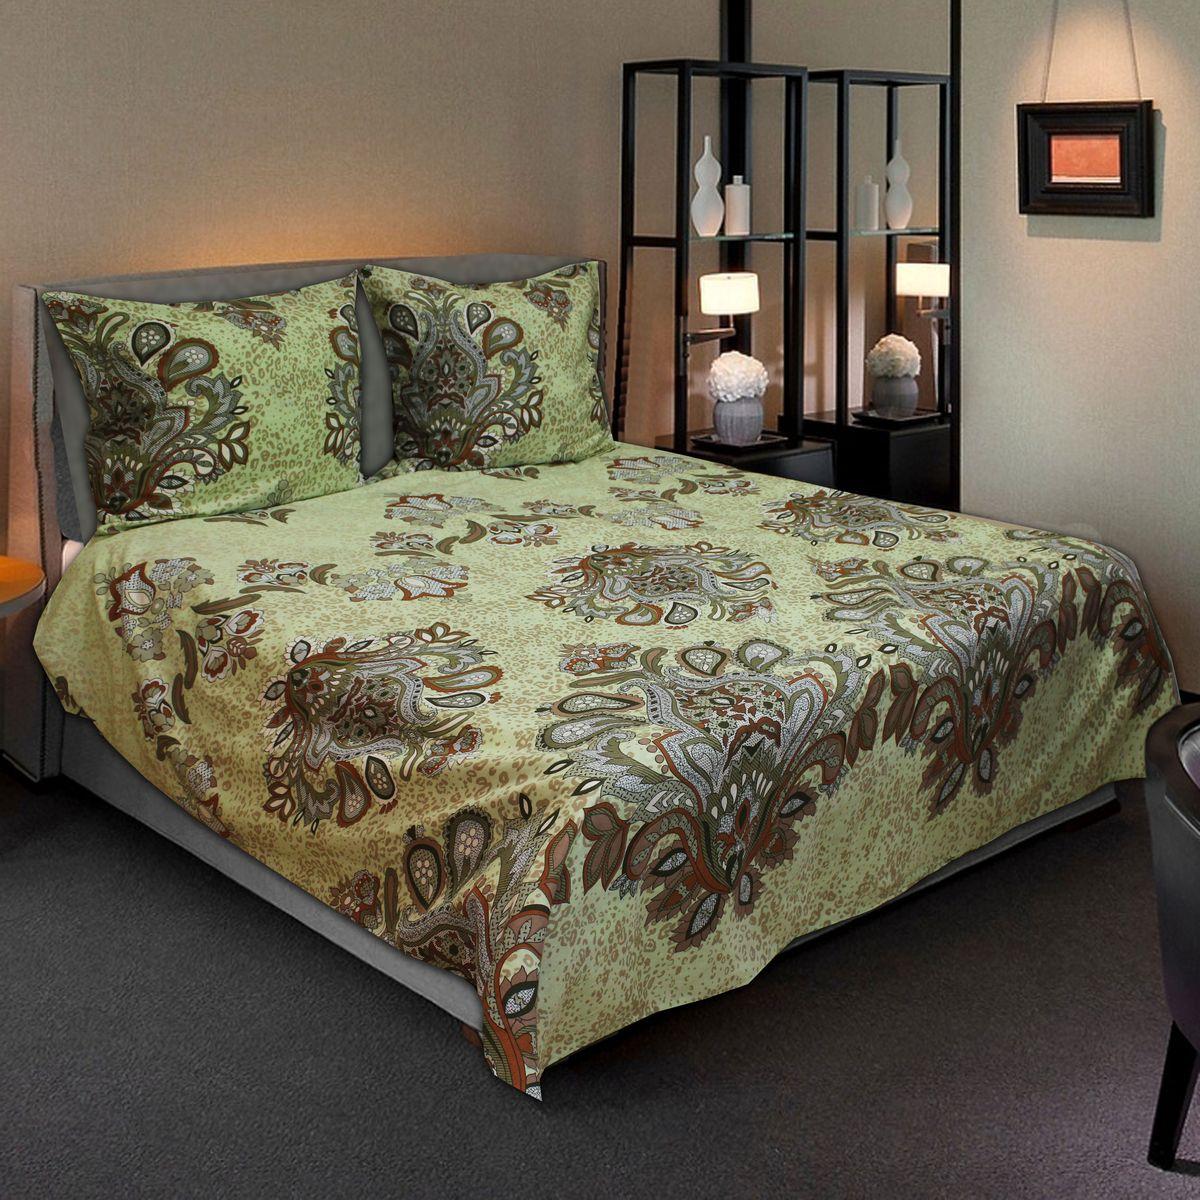 Комплект белья Amore Mio Decor, 2-спальный, наволочки 70х7077728Комплект постельного белья Amore Mio является экологически безопасным для всей семьи, так как выполнен из бязи (100% хлопок). Постельное белье оформлено оригинальным рисунком и имеет изысканный внешний вид. Легкая, плотная, мягкая ткань отлично стирается, гладится, быстро сохнет. Комплект состоит из пододеяльника, простыни и двух наволочек.